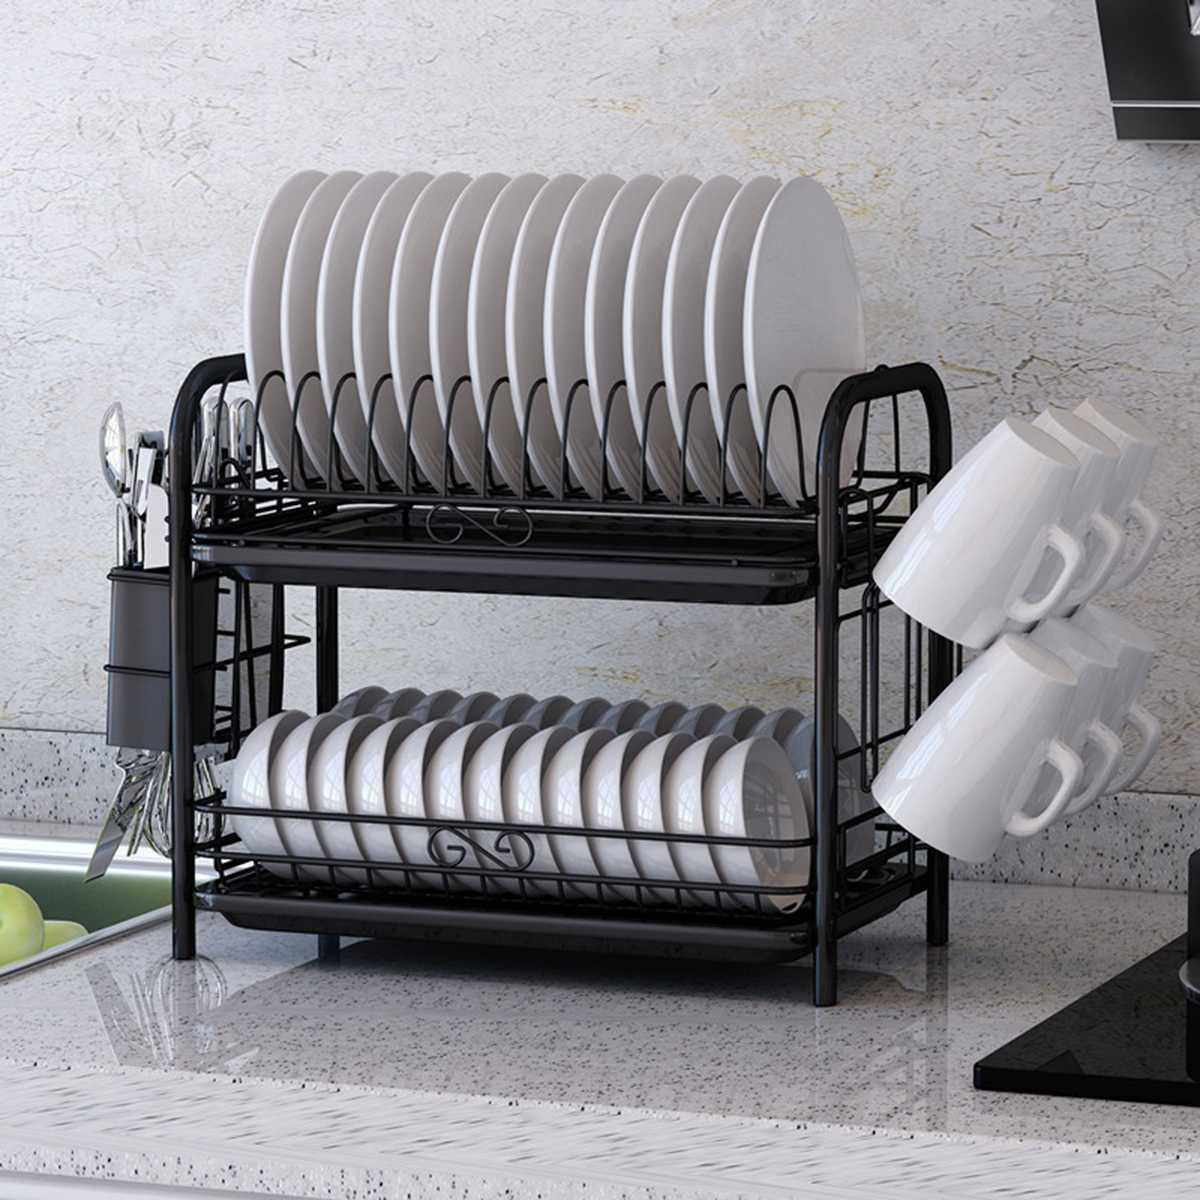 2/3 段食器乾燥ラックホルダーバスケットメッキ鉄ホーム洗濯偉大なキッチンシンク水切り乾燥ラックオーガナイザーブラック